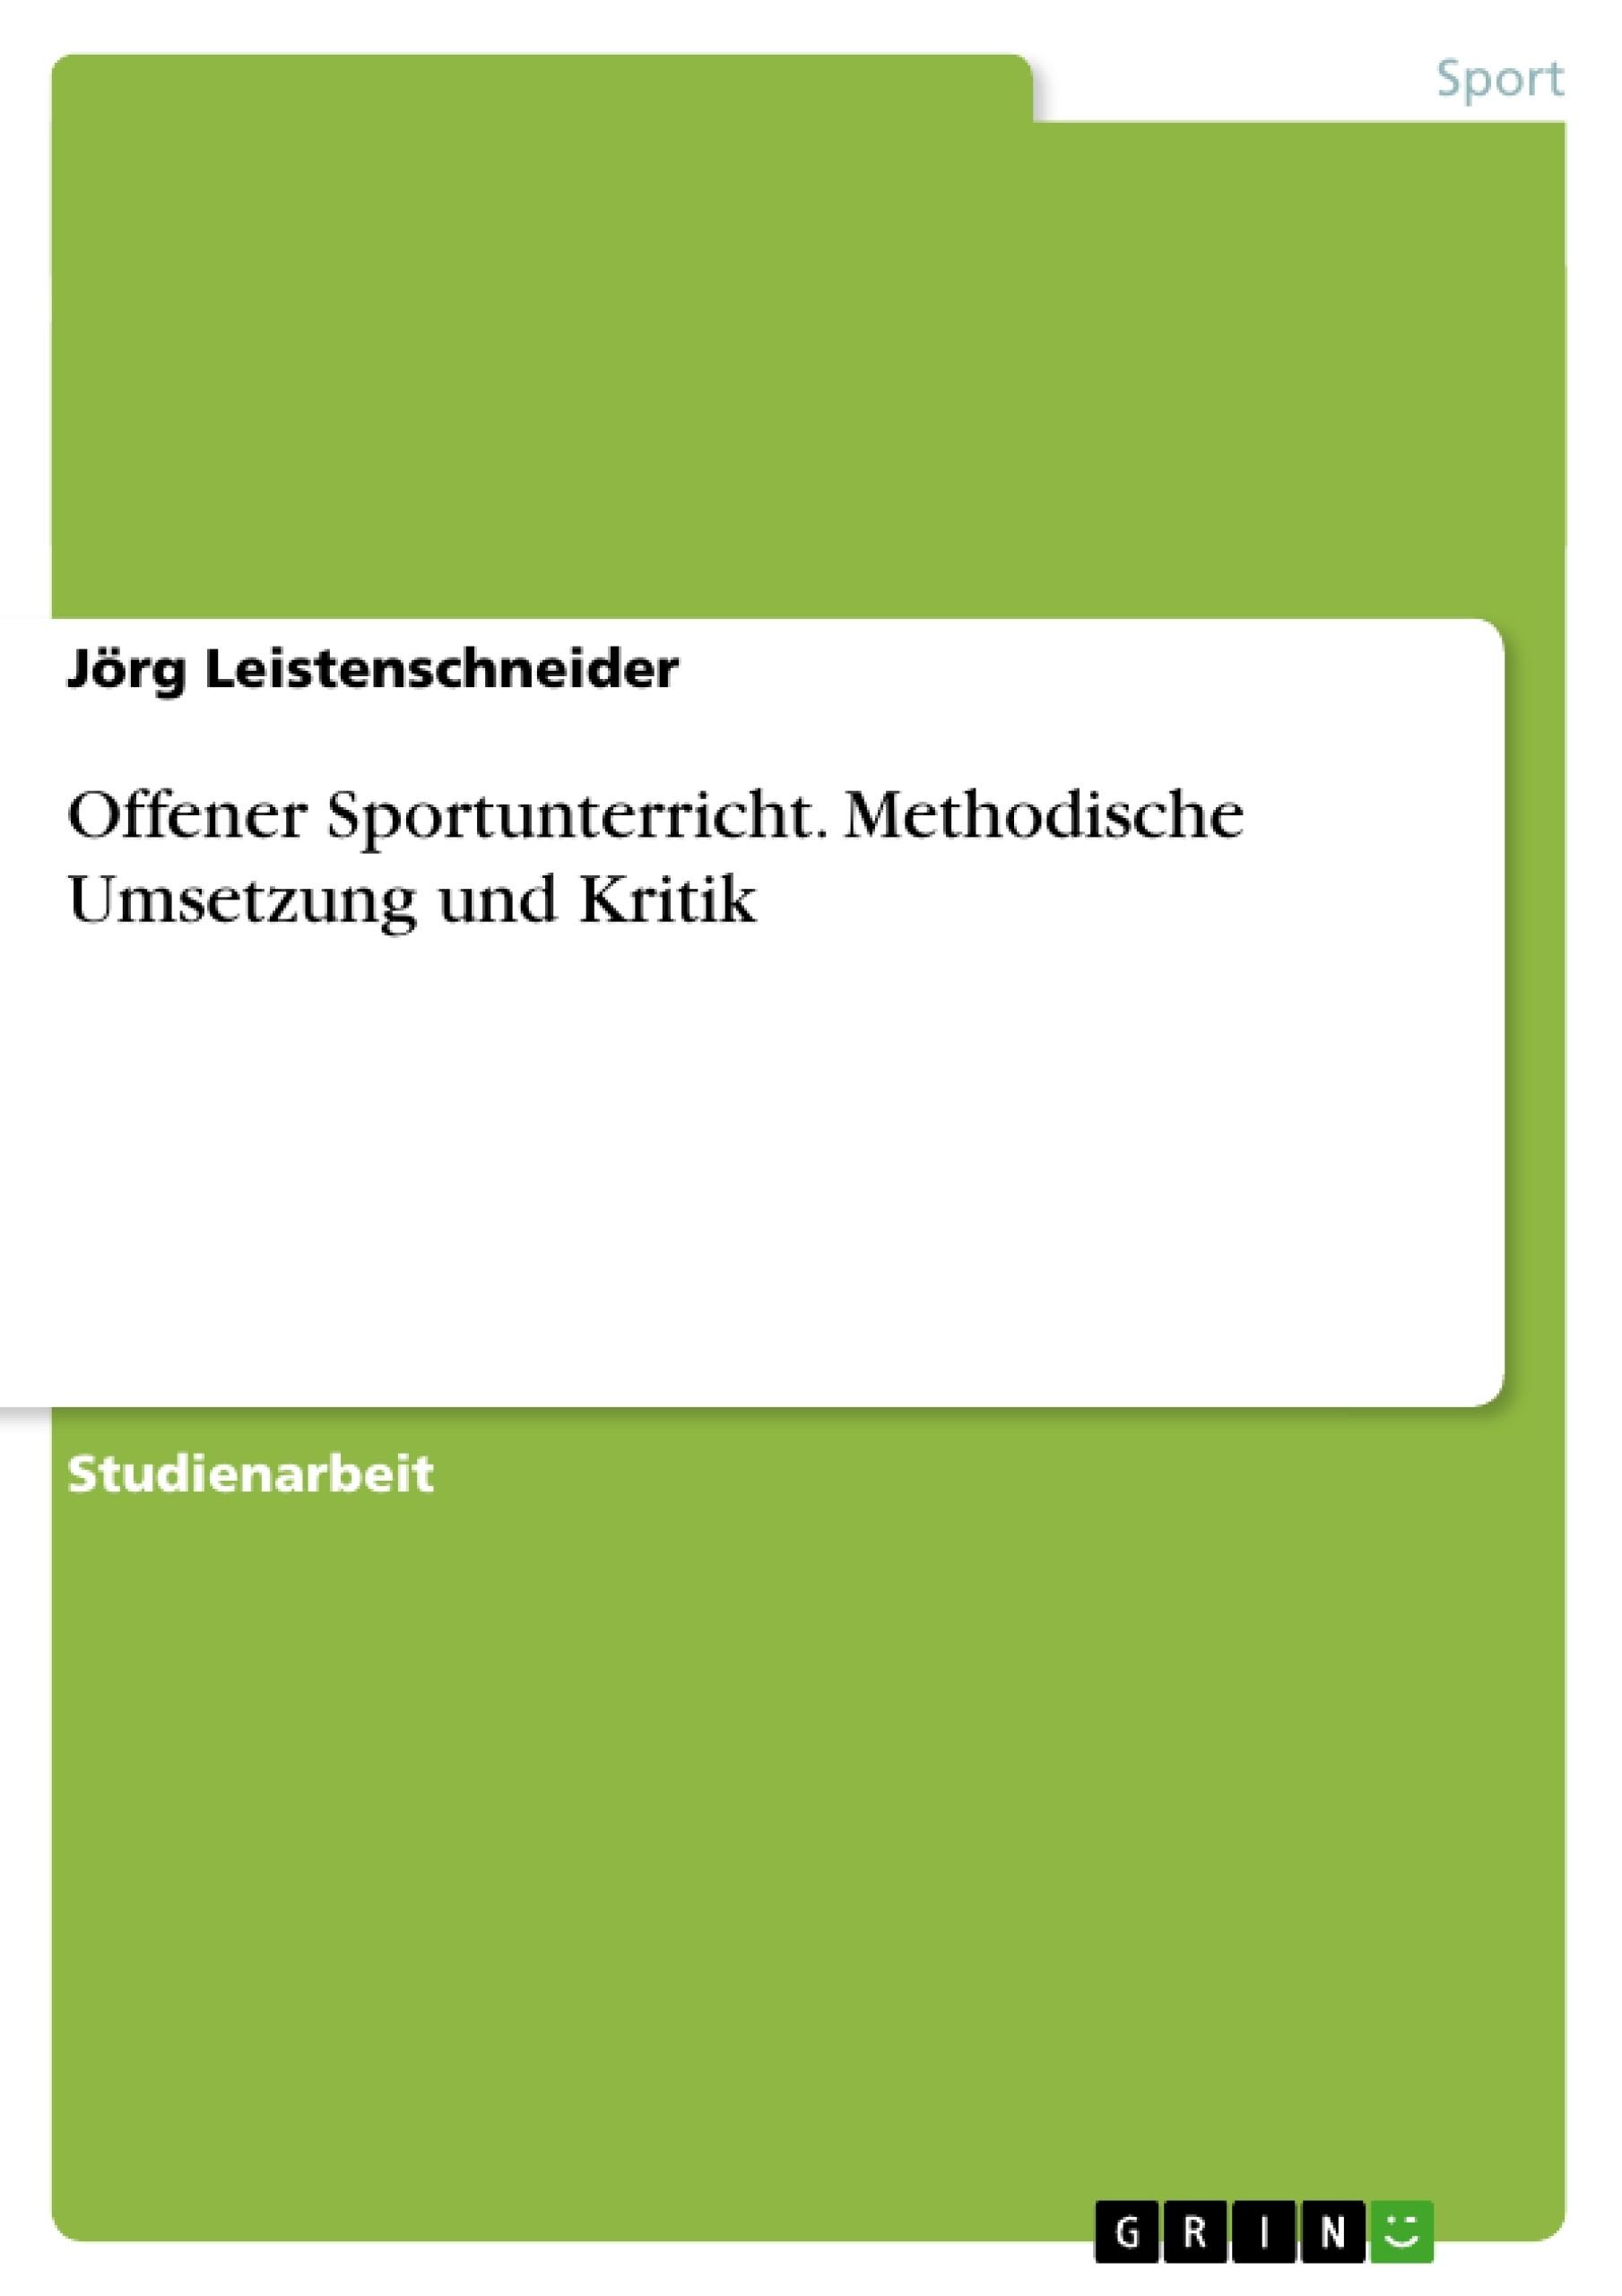 Titel: Offener Sportunterricht. Methodische Umsetzung und Kritik